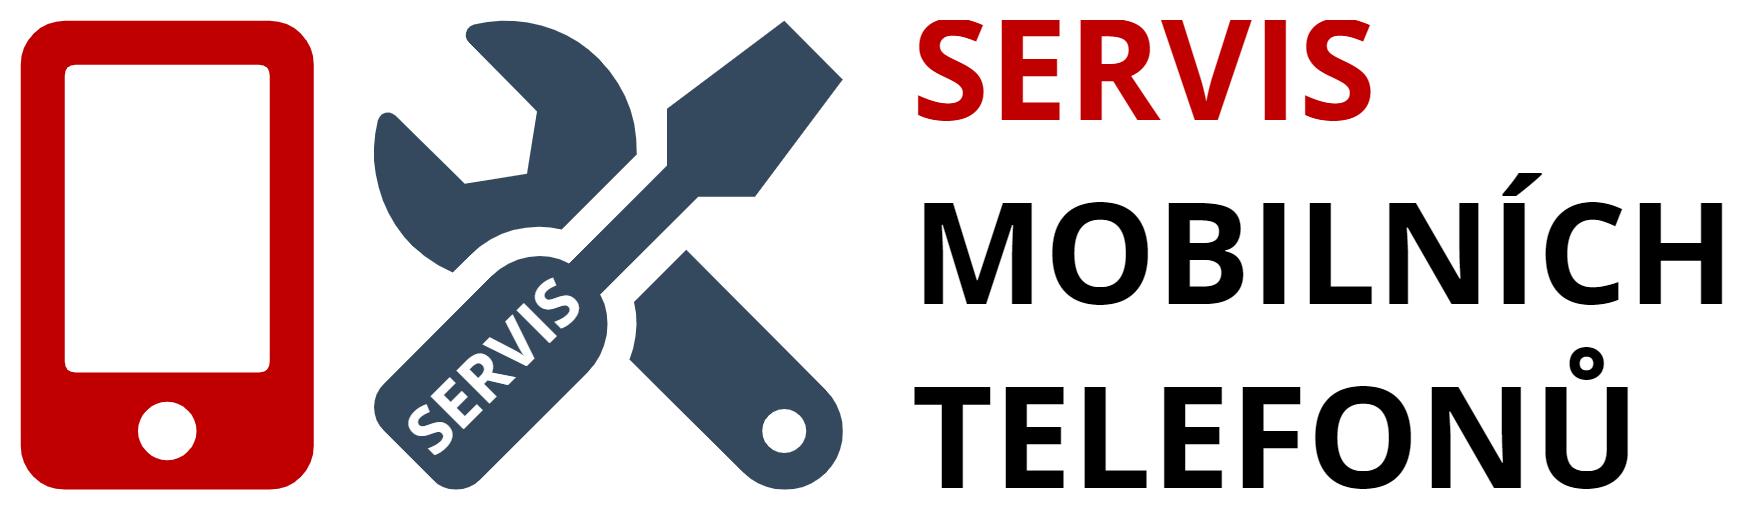 Servis Mobilních Telefonů CZ